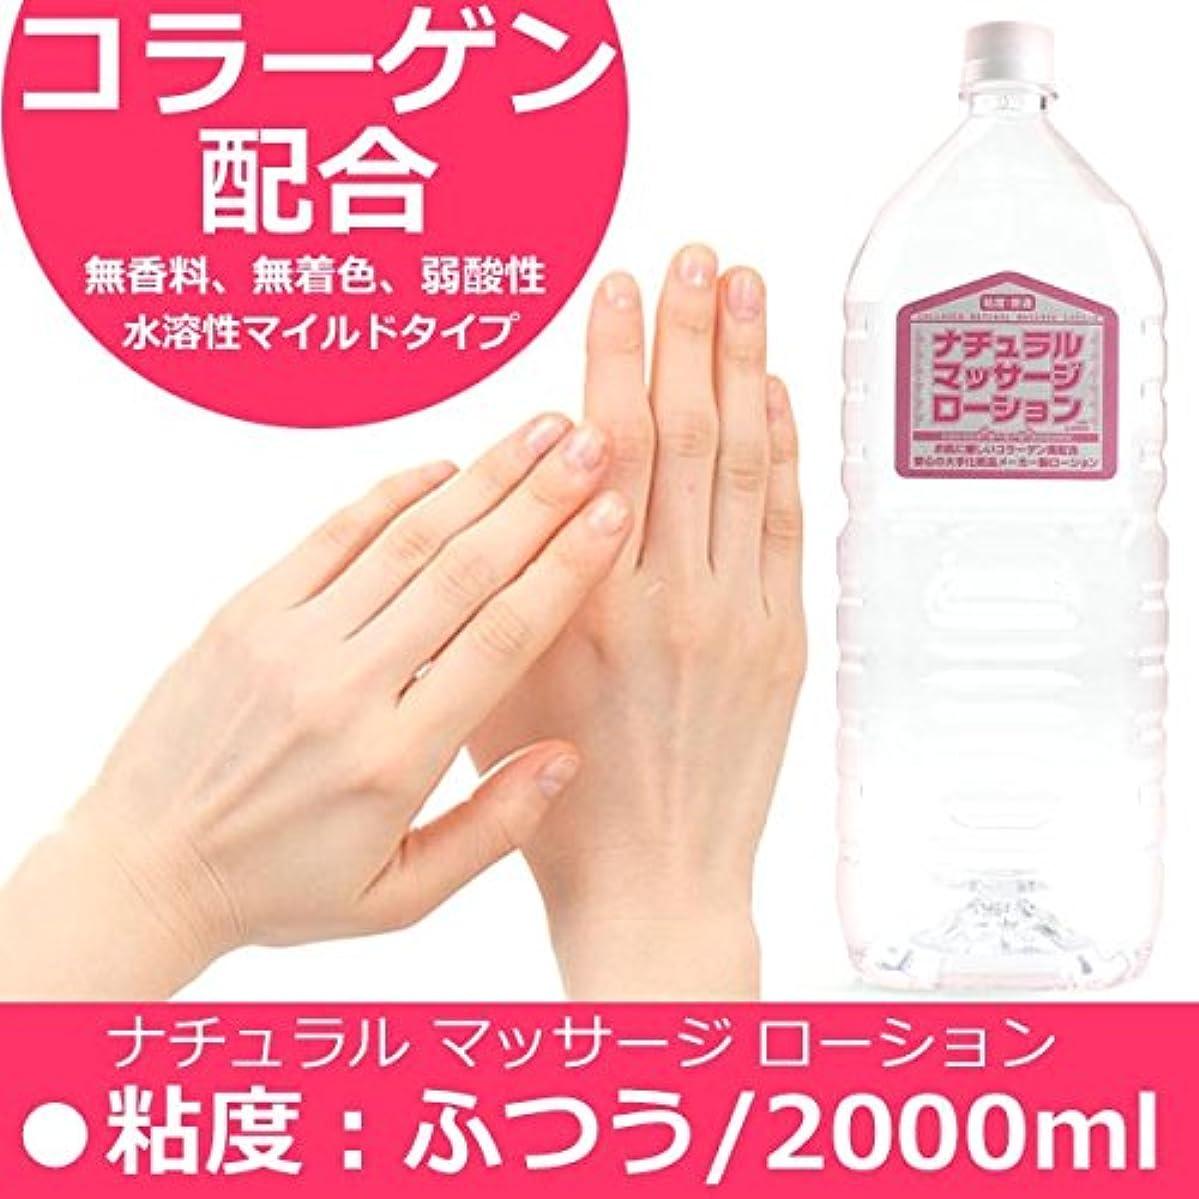 選出するチューインガム専門ナチュラルマッサージ ローション 2000m 業務用の詰替えにも!!